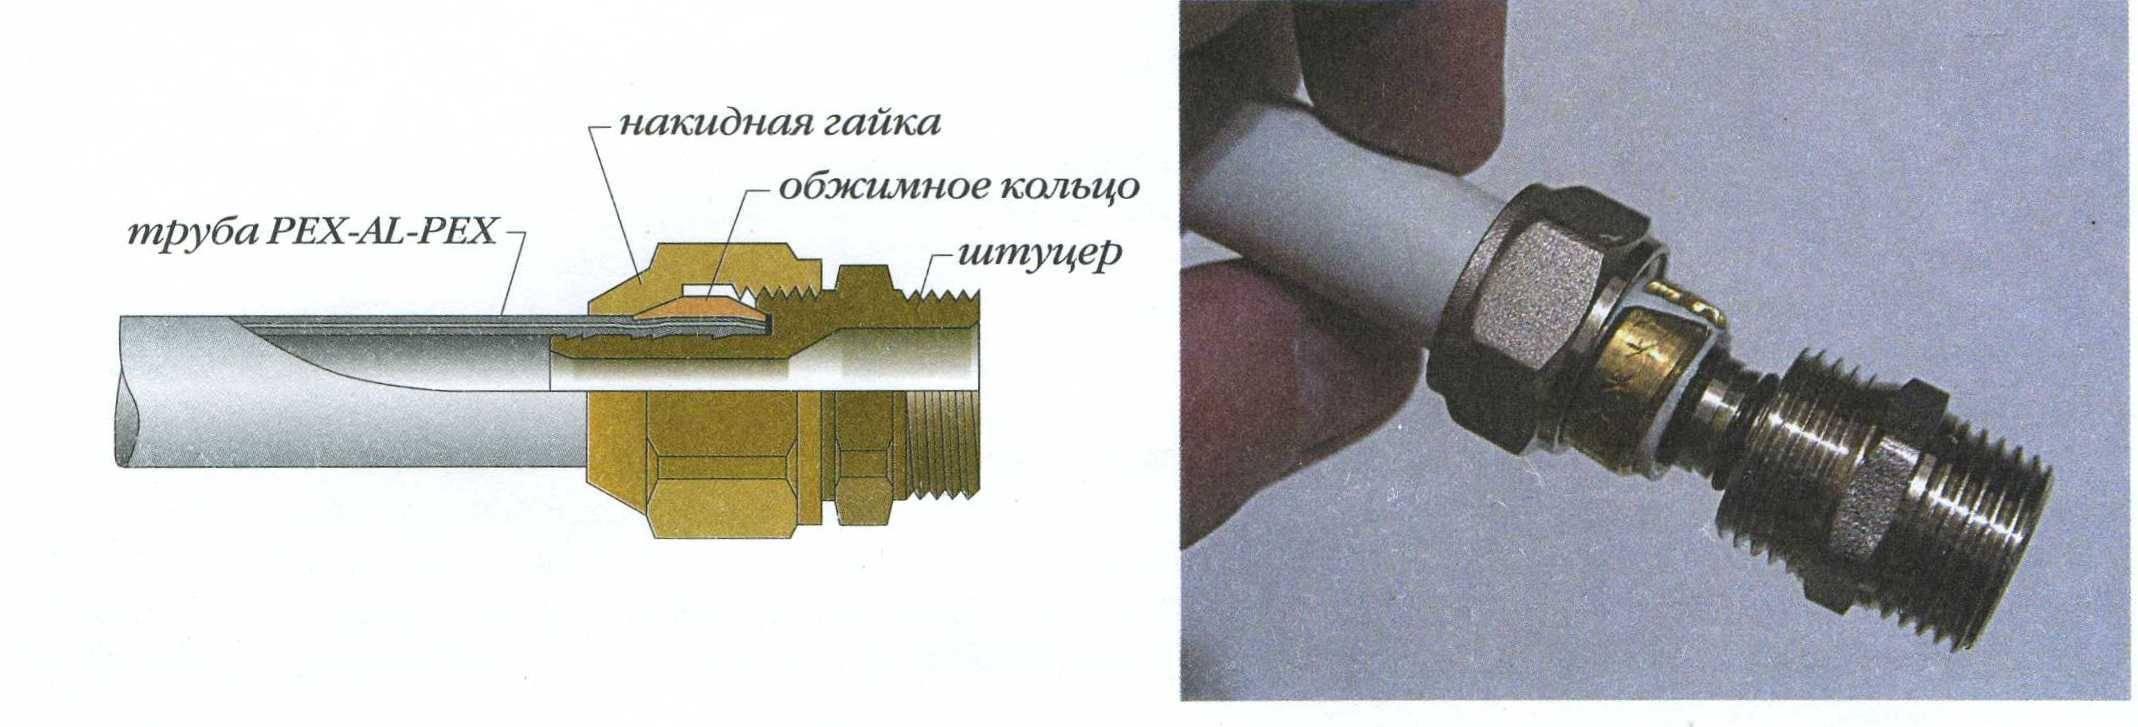 Монтаж металлопластиковых труб для водопровода своими руками